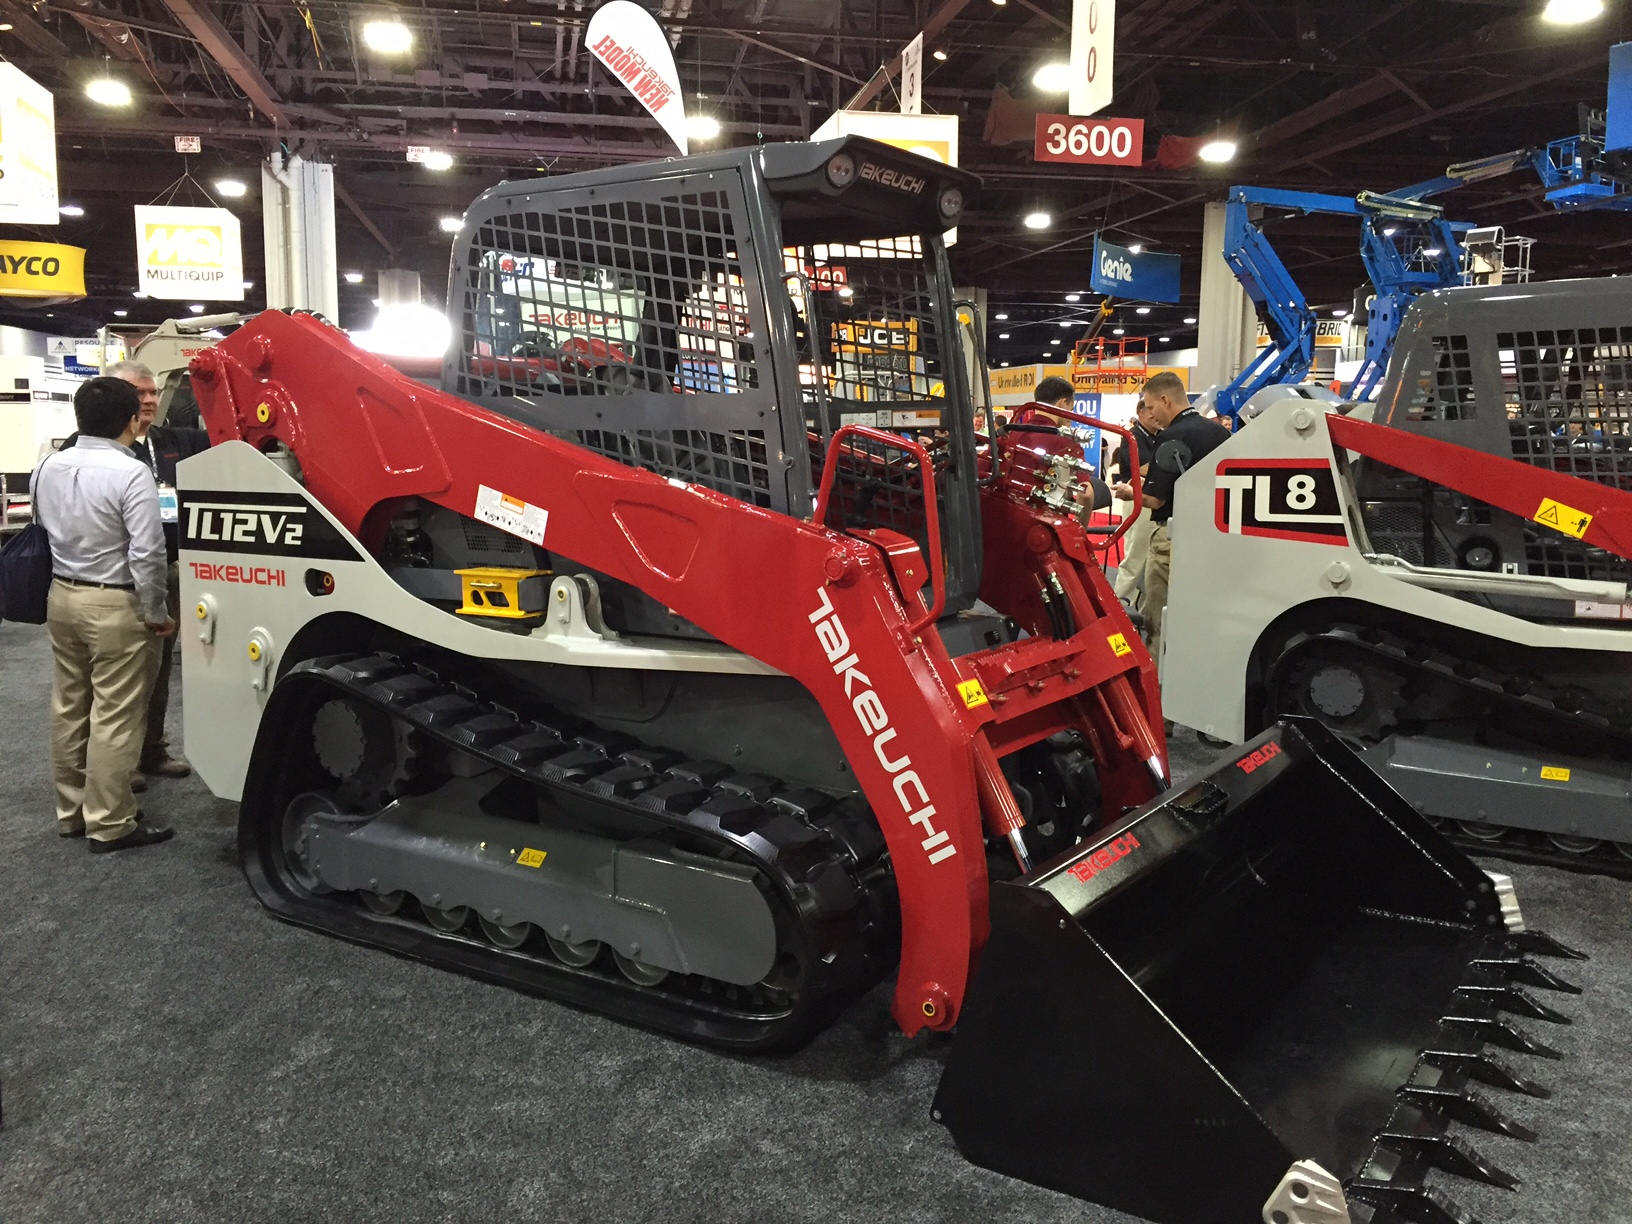 Takeuchi track loader rental show